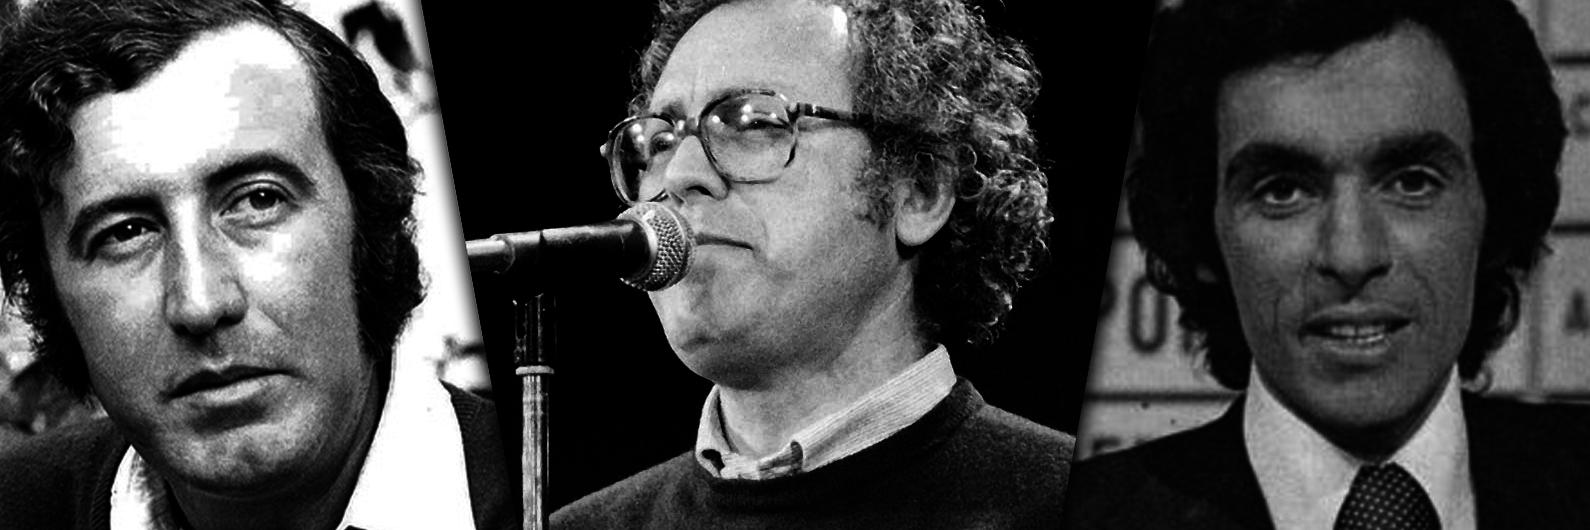 De Zeca Afonso a Paulo de Carvalho: As vozes da revolução